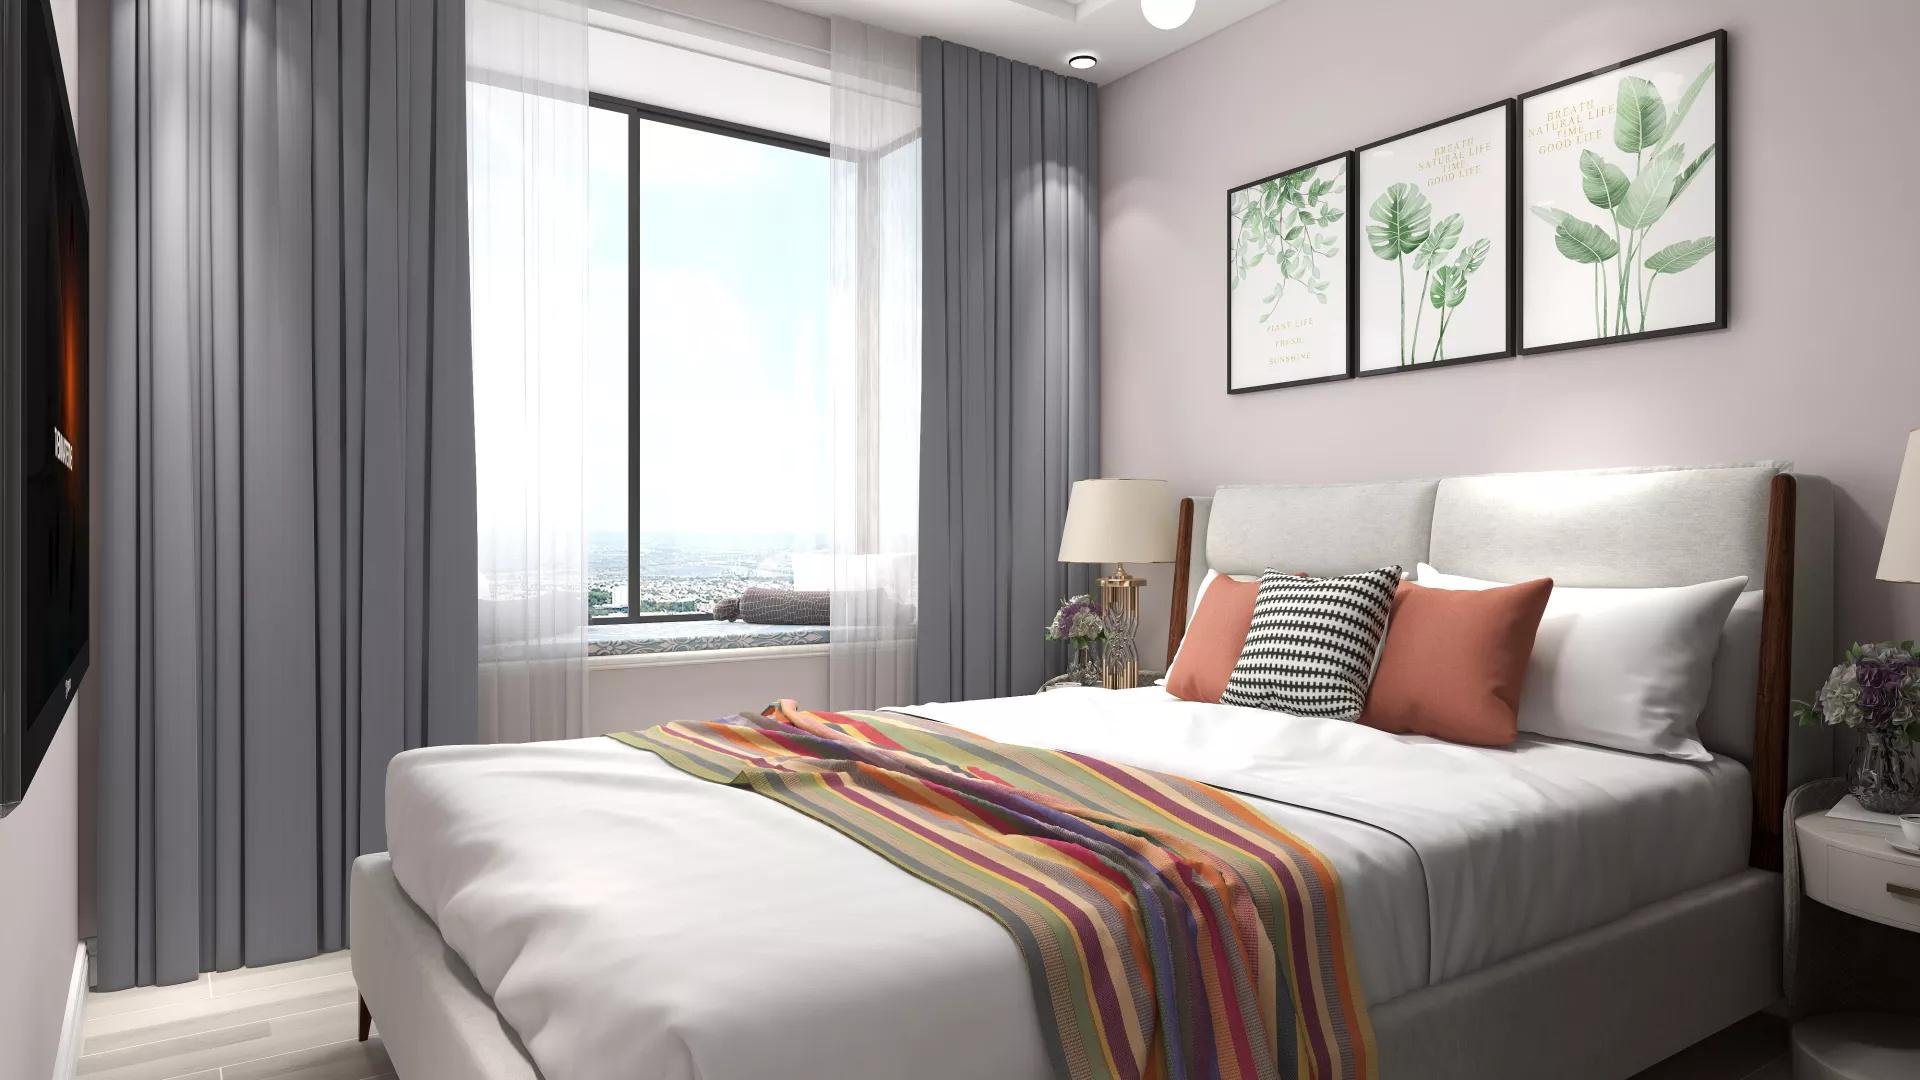 简洁温馨风格家居客厅装修设计效果图